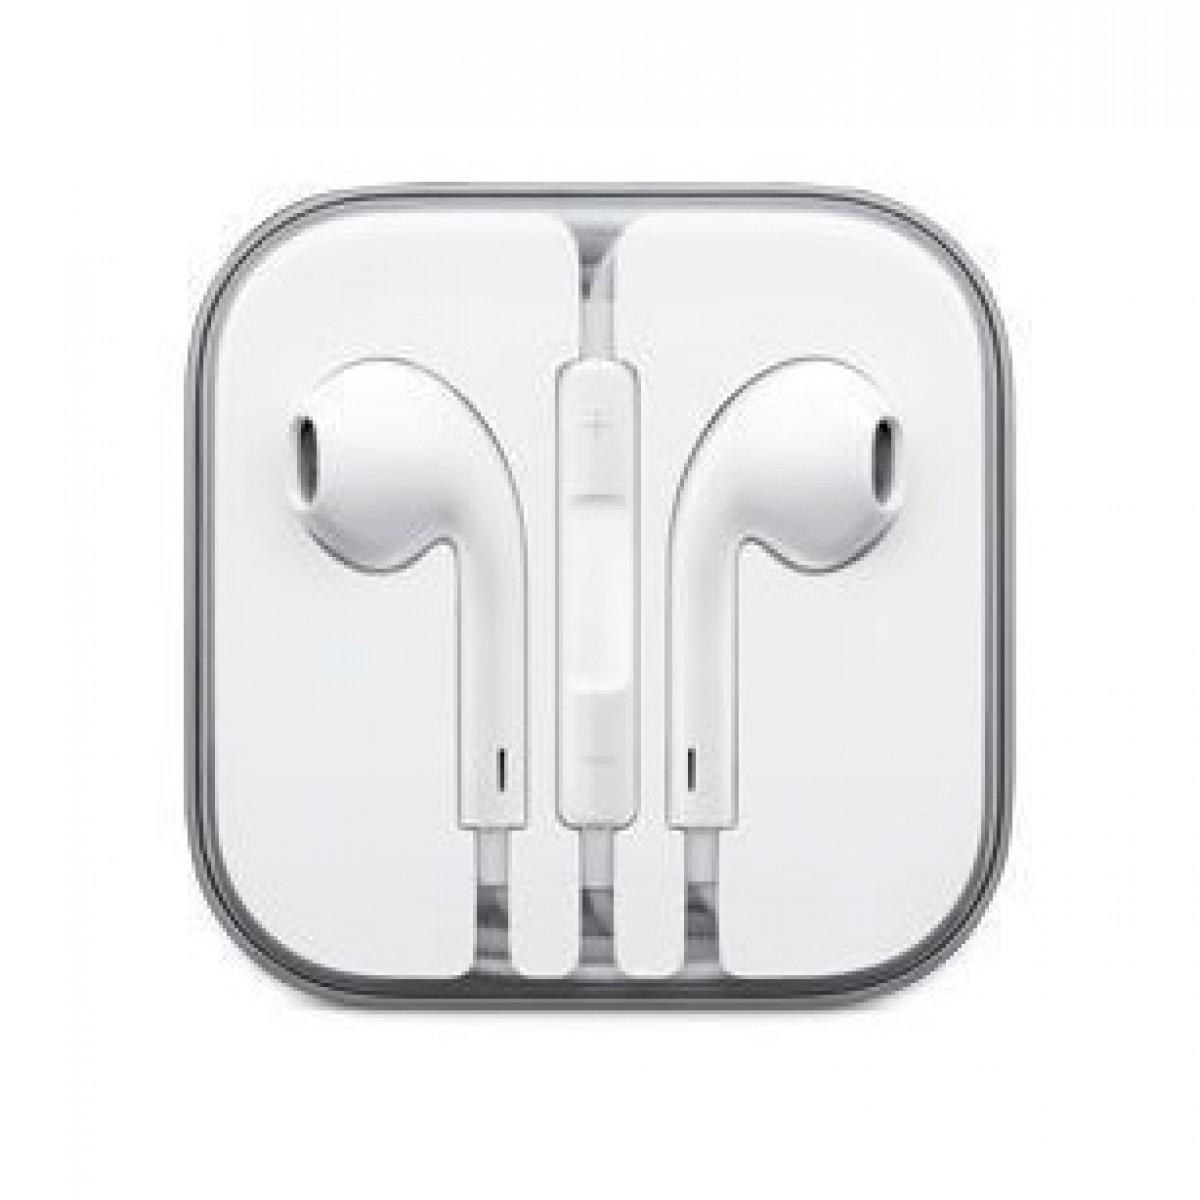 Apple Iphone 5 Earphones Handsfree With Impressive Look